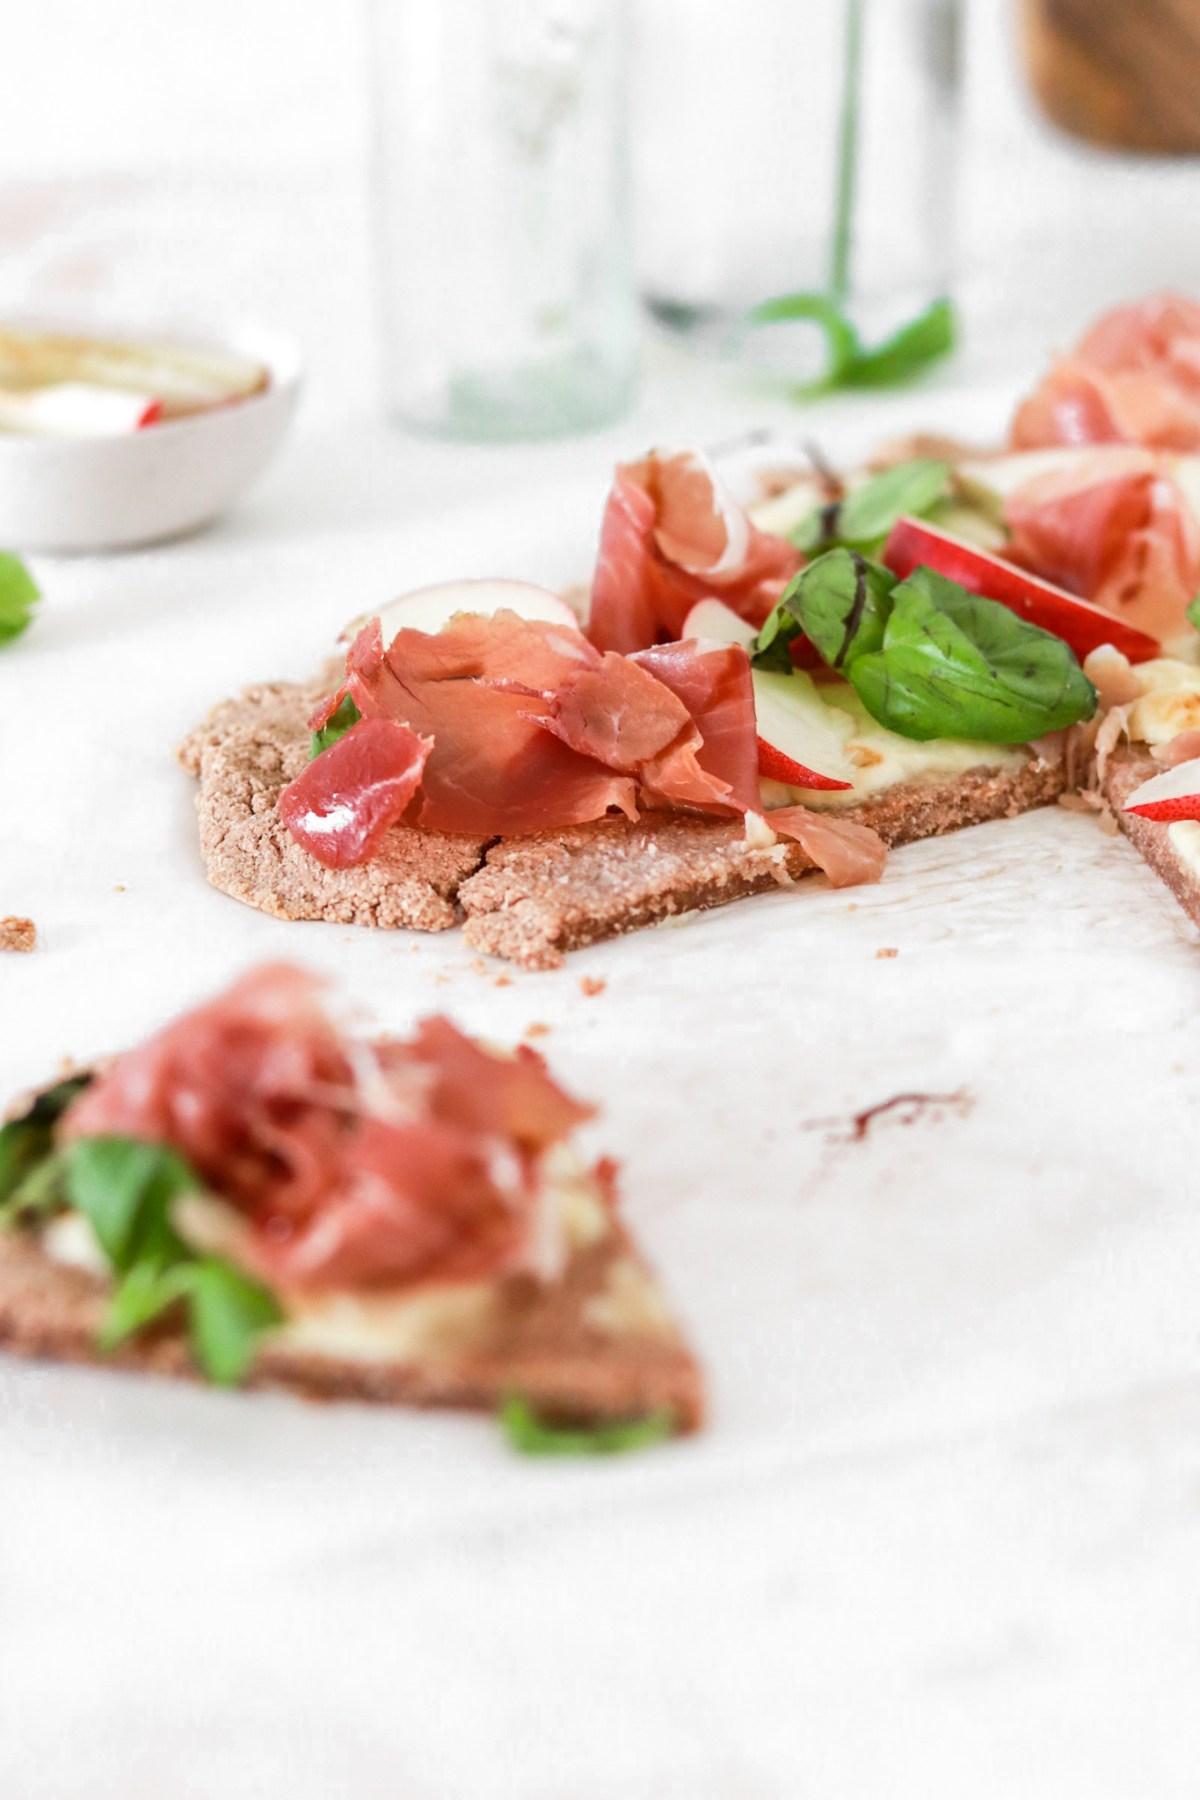 Prosciutto & Peach Flatbread Pizza From Front